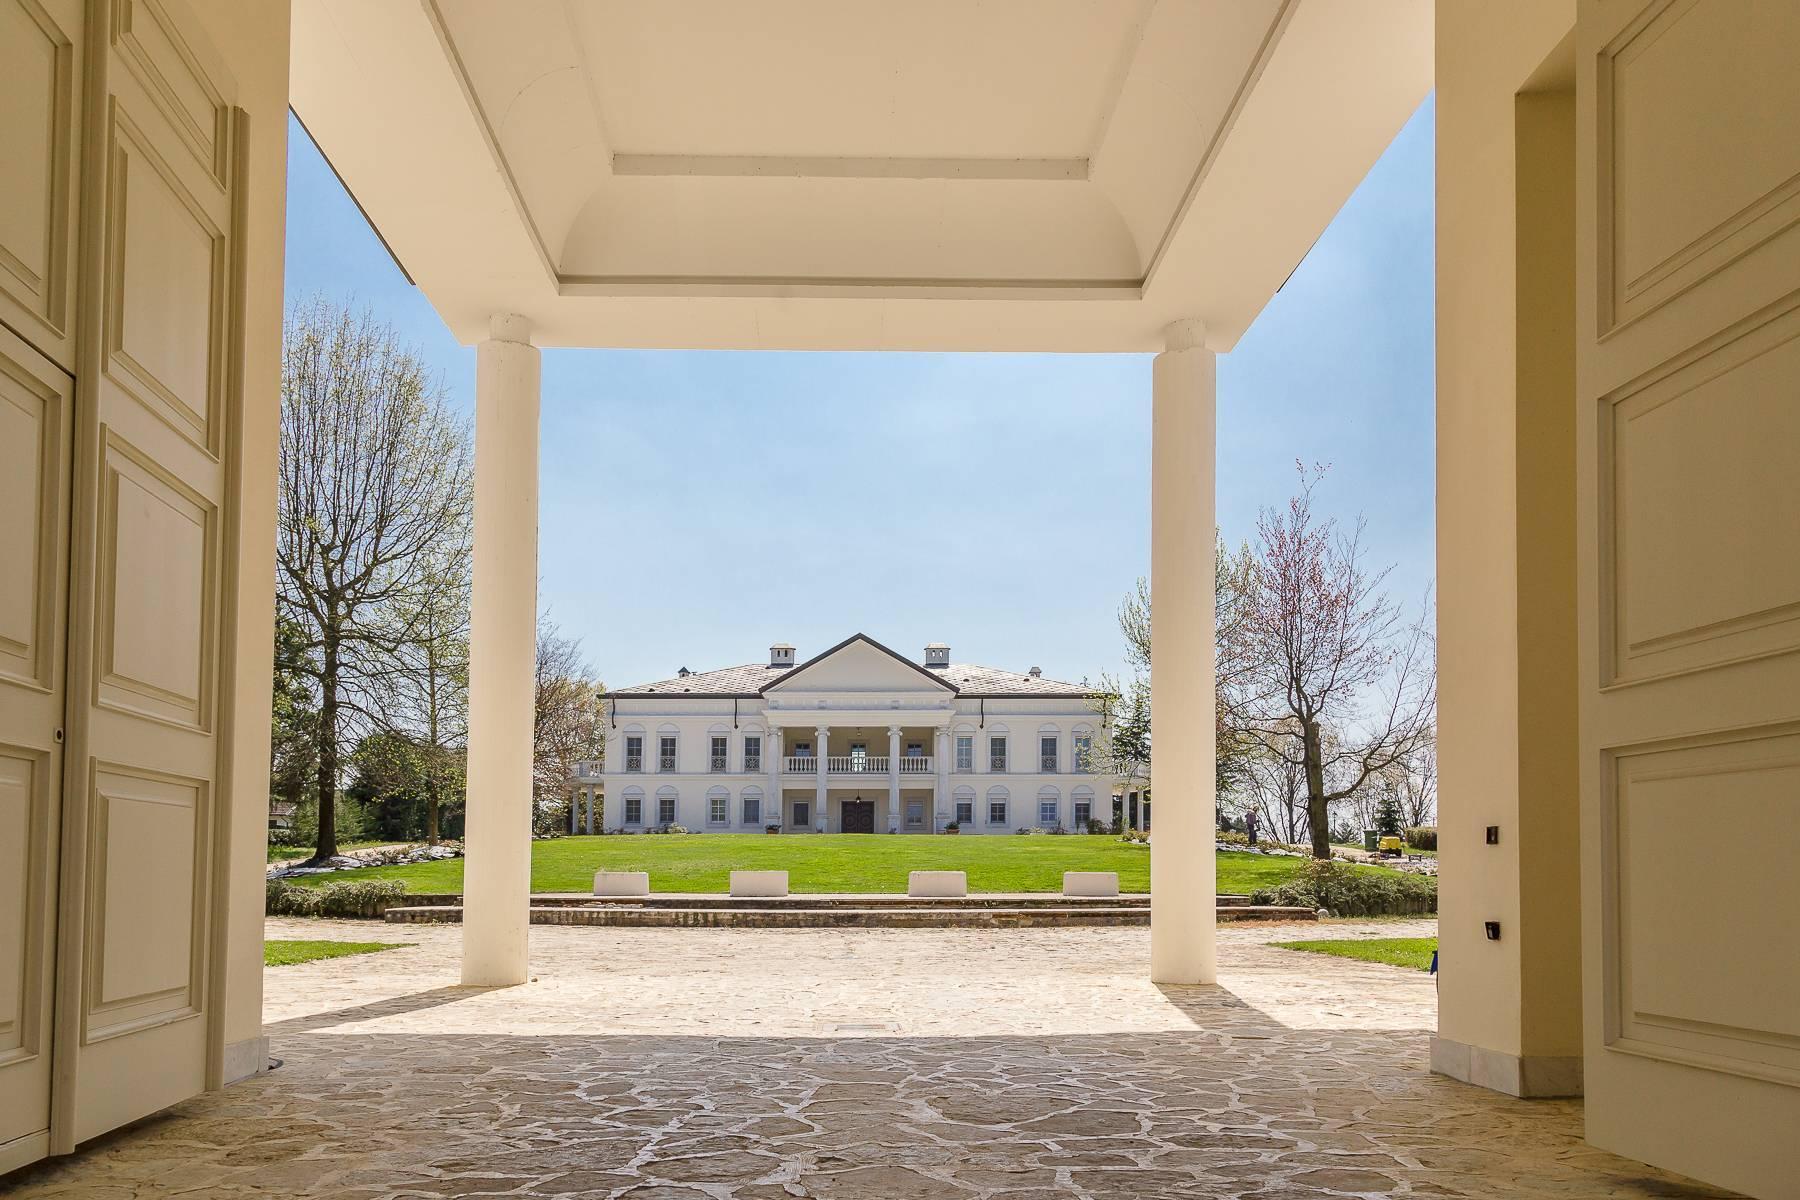 坐落在米兰和都灵之间的白宫 - 13